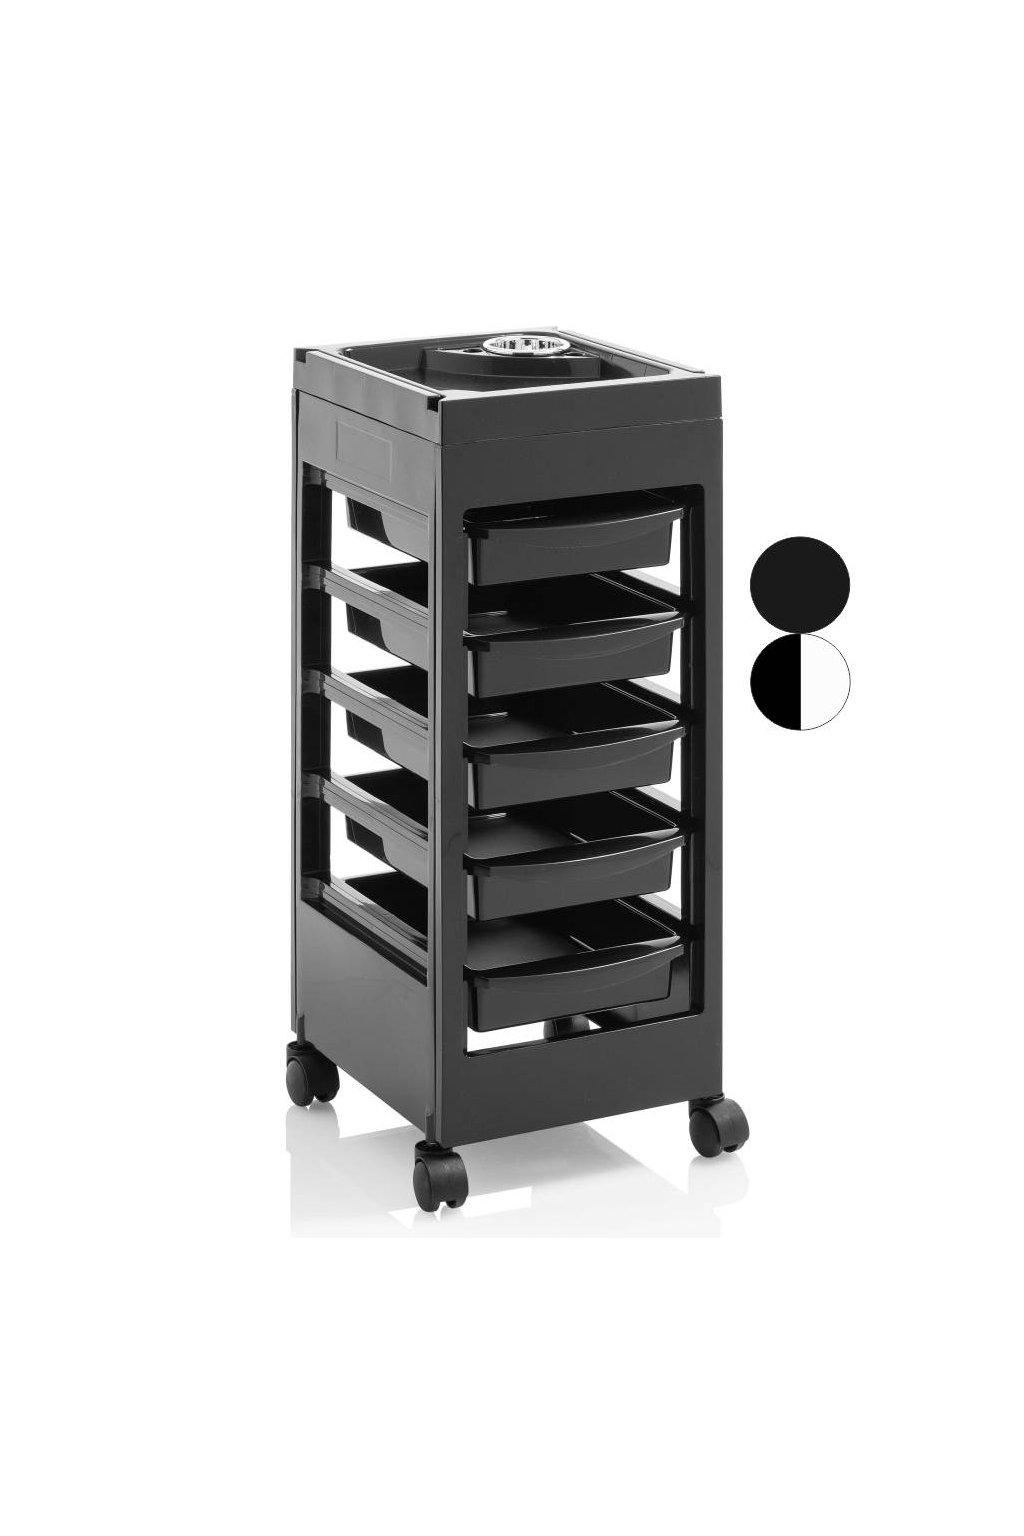 Kadeřnický vozík MILANO 5 šuplíků (Barva Černá)